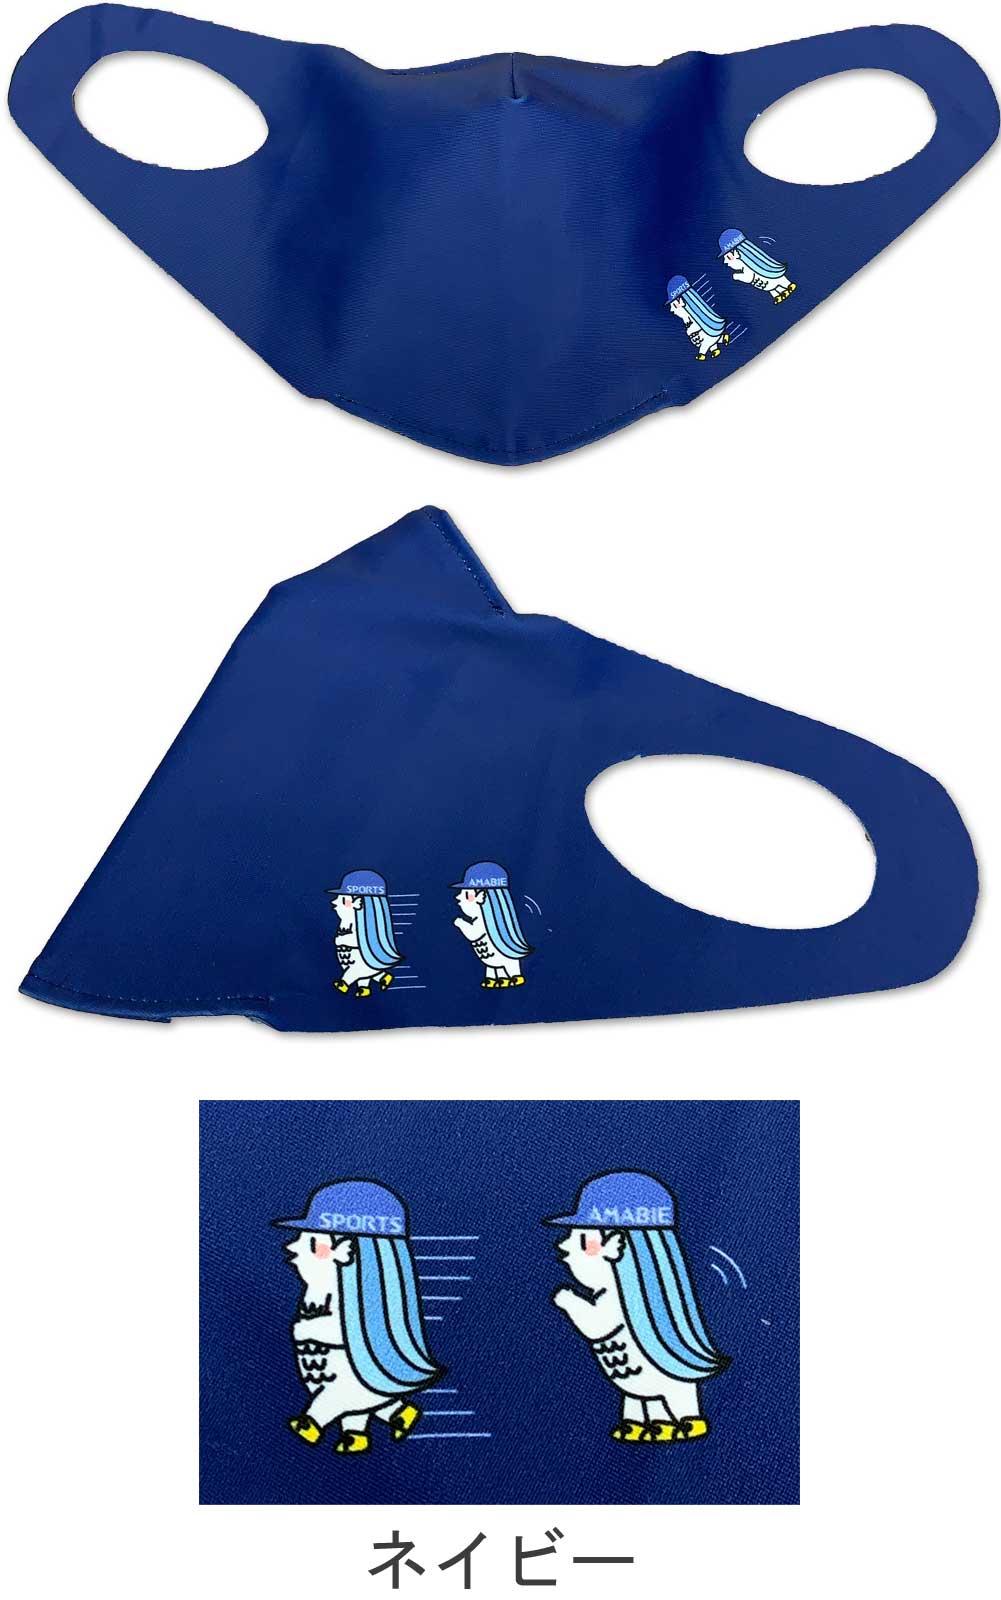 水着素材マスク 3D立体縫製 アマビエマスク 耳が痛くなりにくい 水着マスク スポーツ用 スポビエ M L